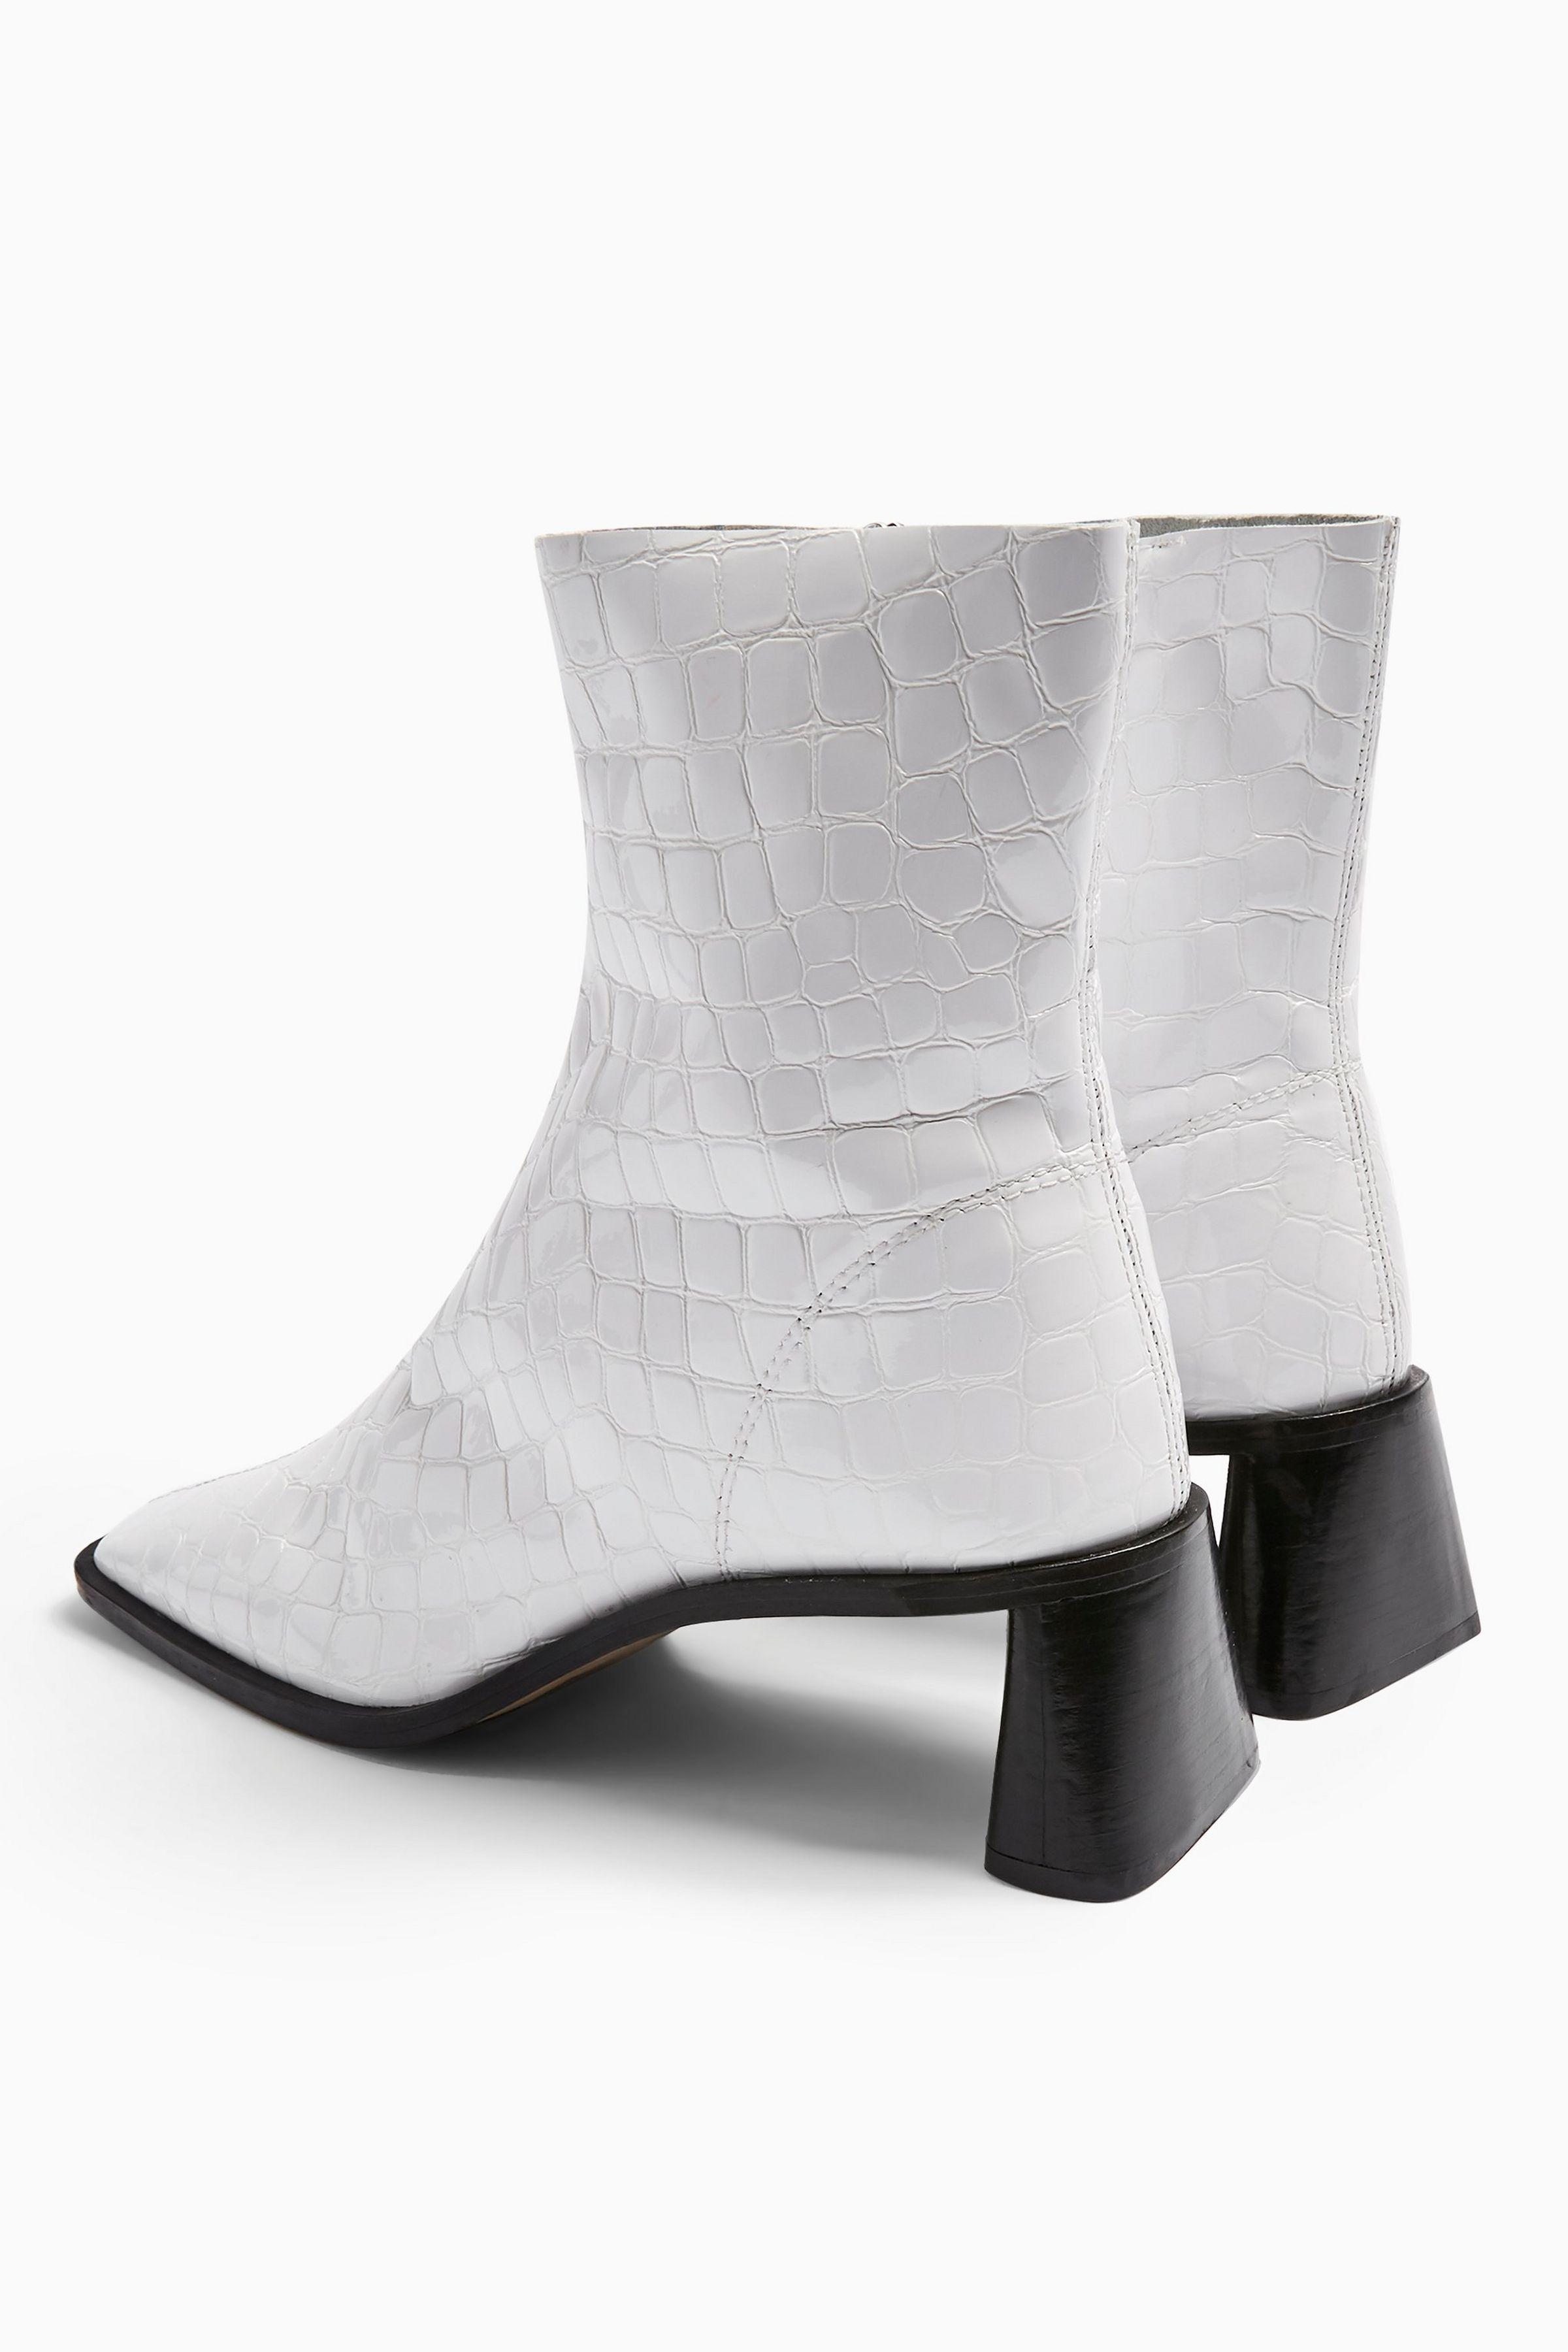 MAJA Leather White Crocodile Sock Boots